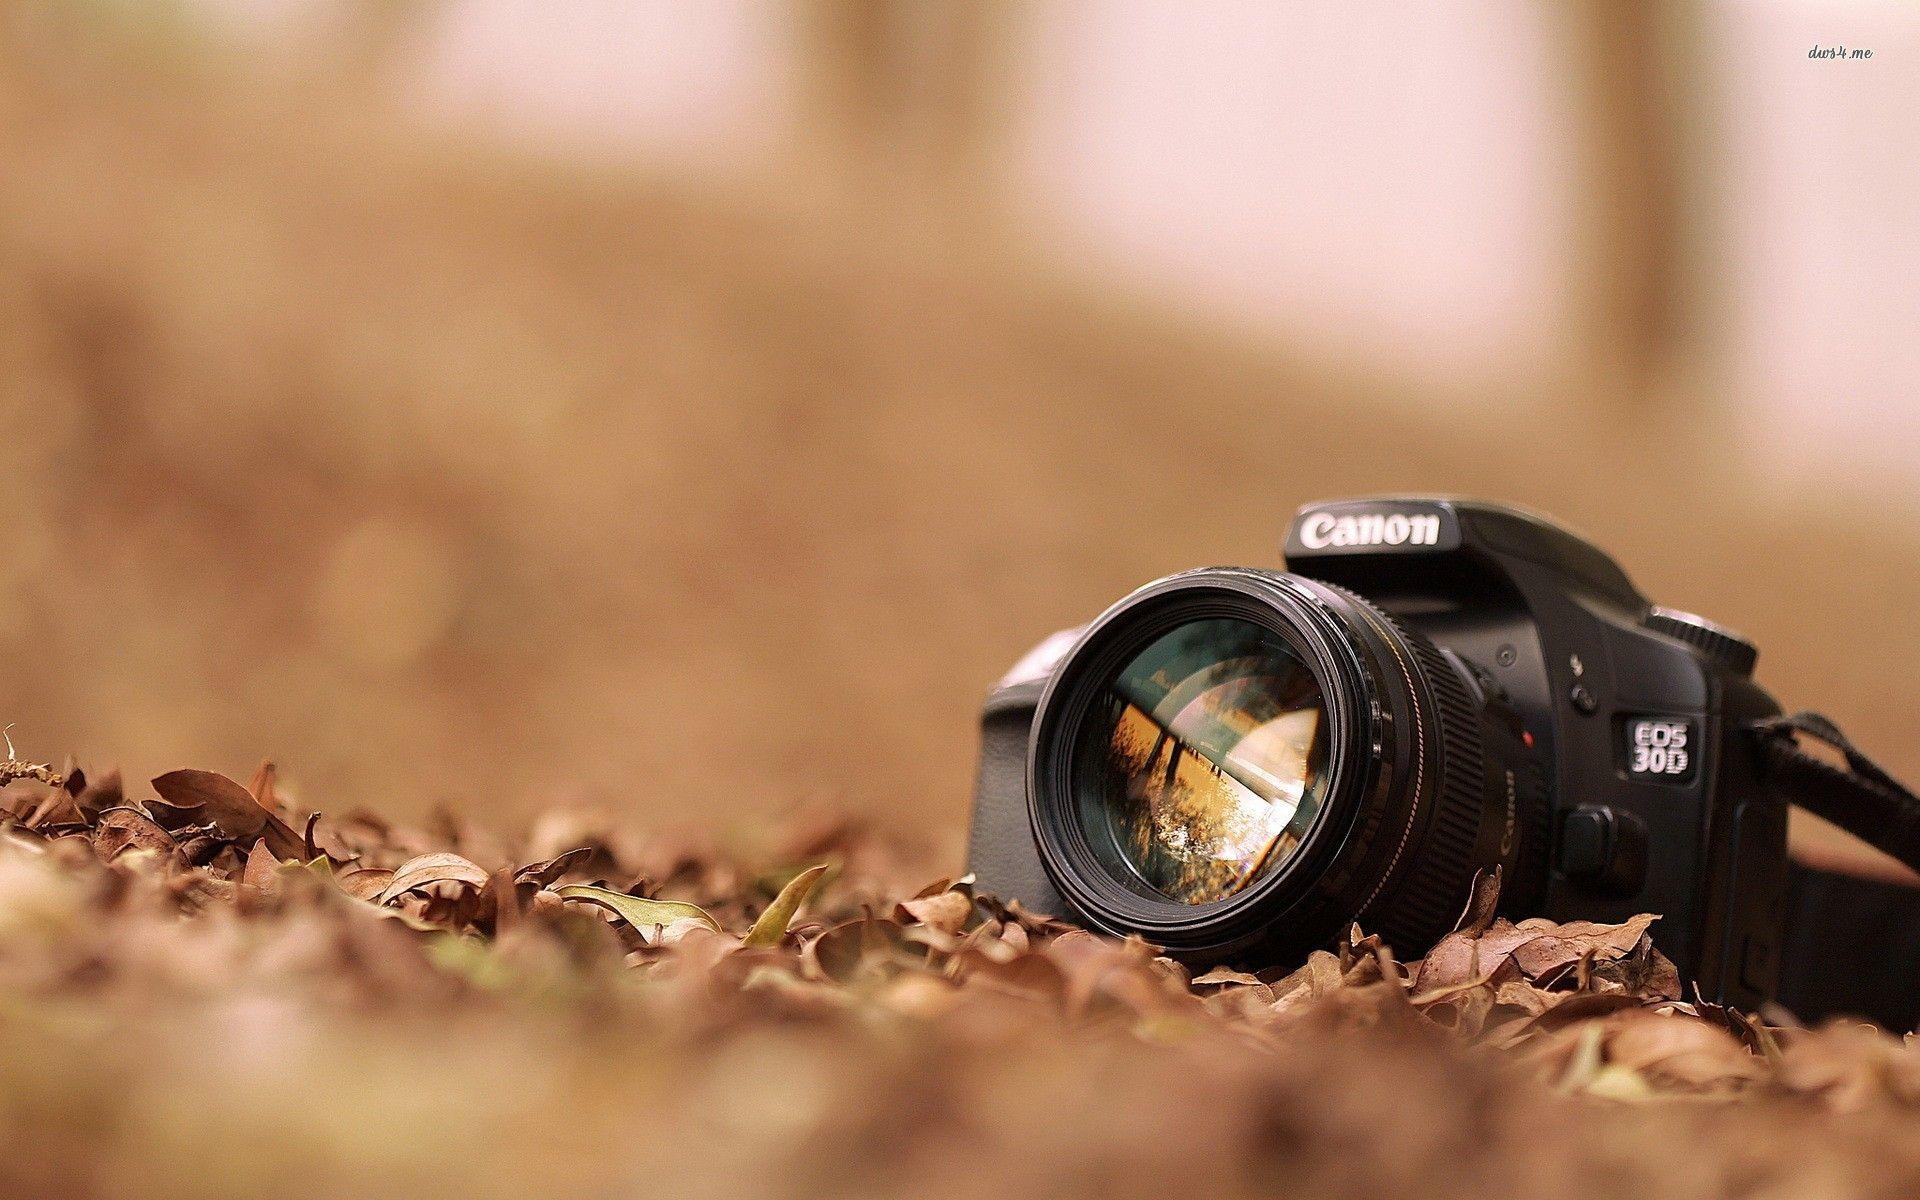 Canon Camera Photography HD Desktop Wallpaper